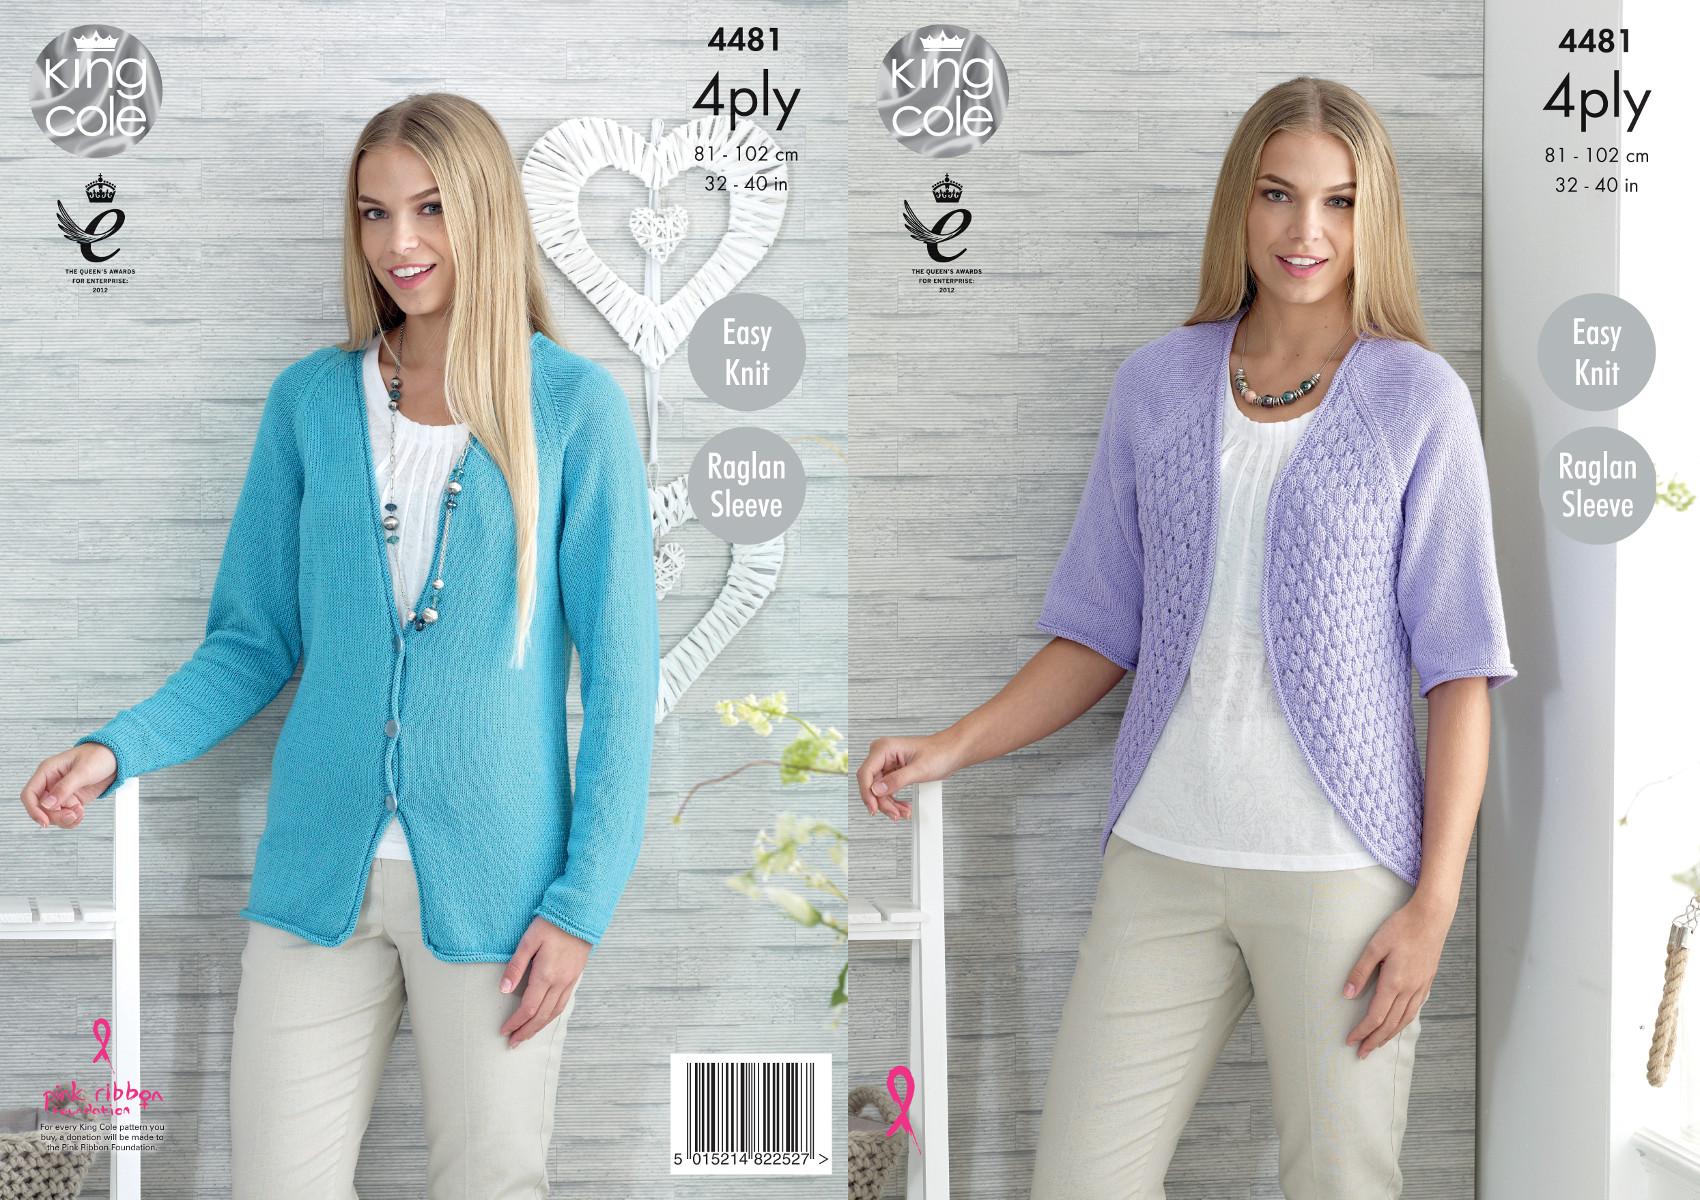 Knitting Pattern Ladies Lacy Cardigan : King Cole 4 Ply Knitting Pattern Easy Knit Ladies Lace Cardigan & Bolero ...